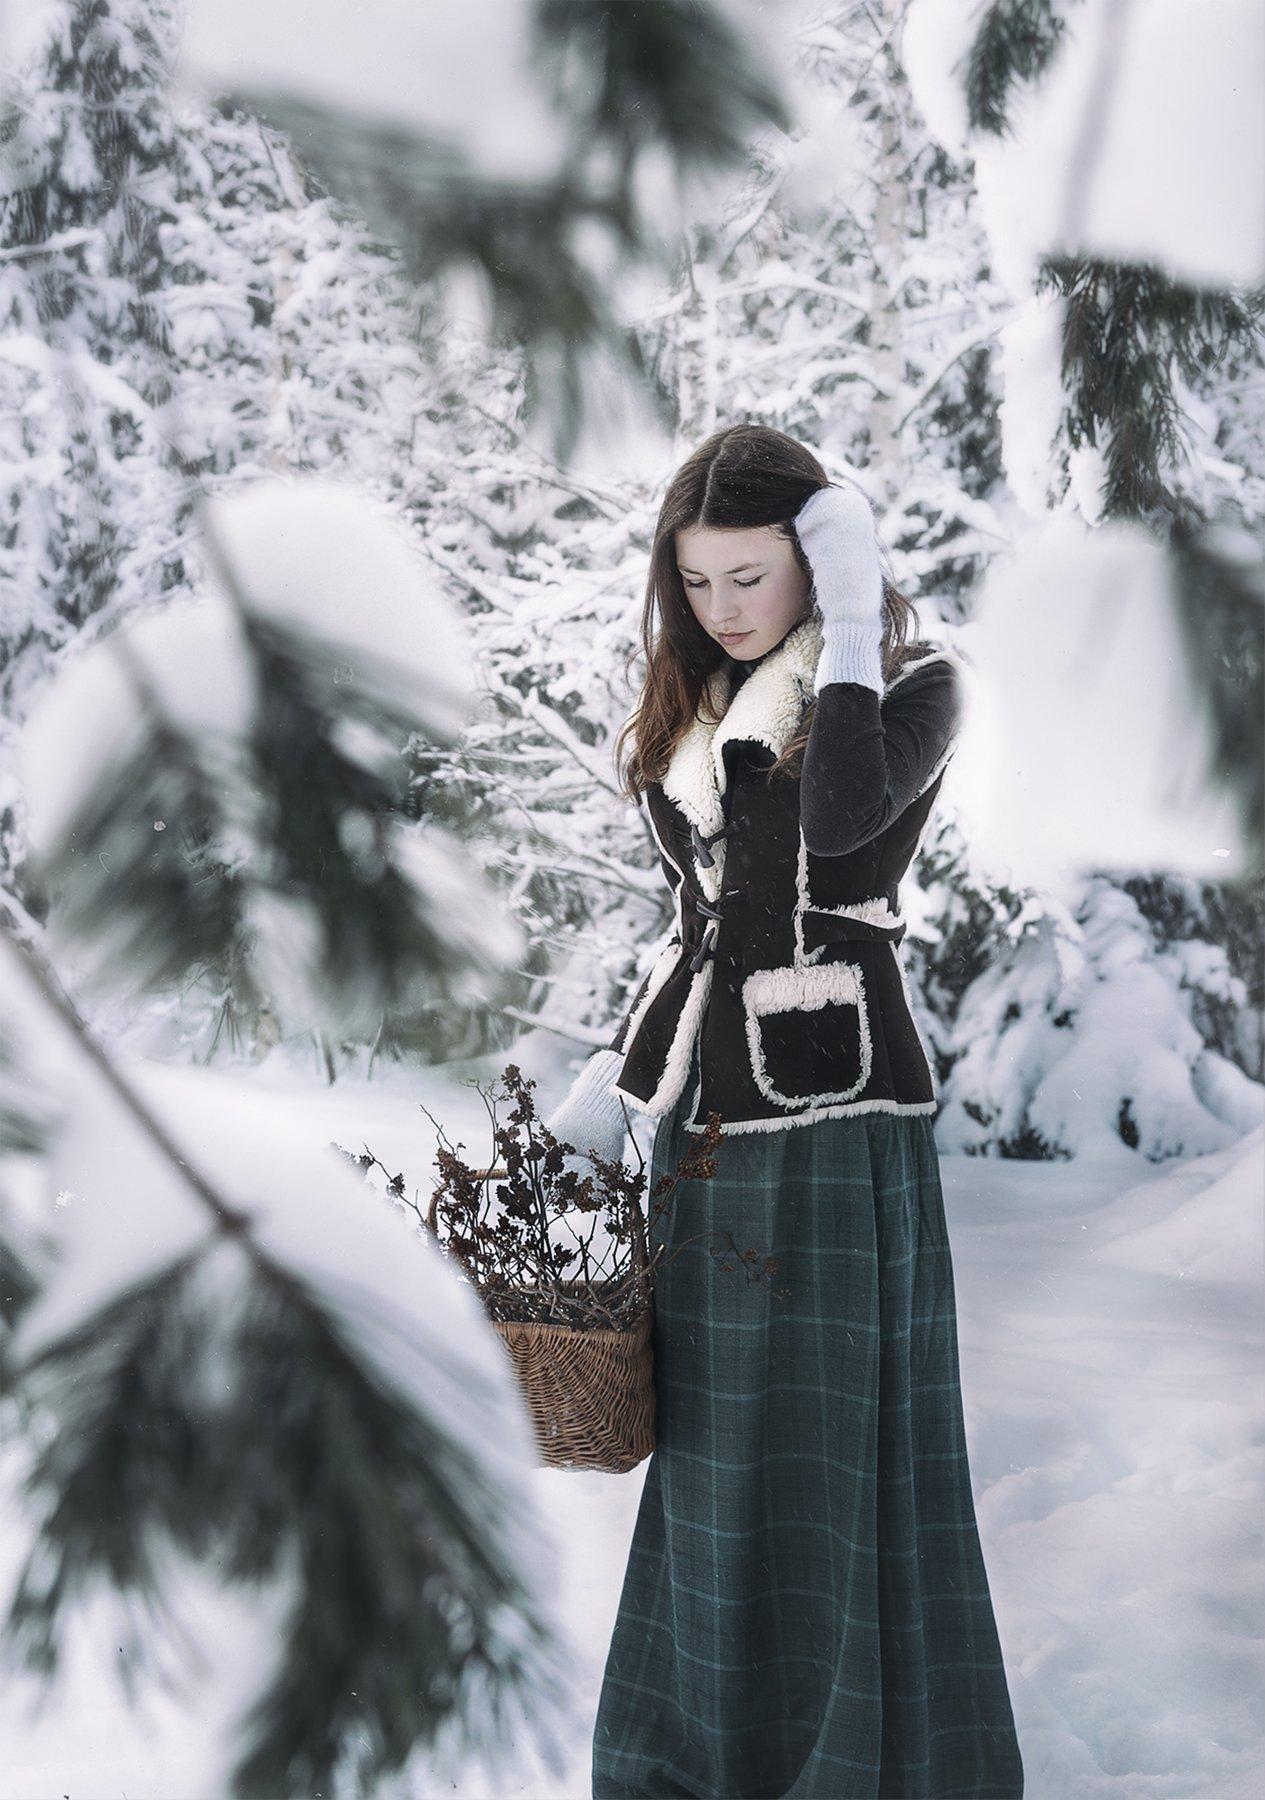 fine art , постановочная фотография ,жанровый портрет, Kholodova Natalia